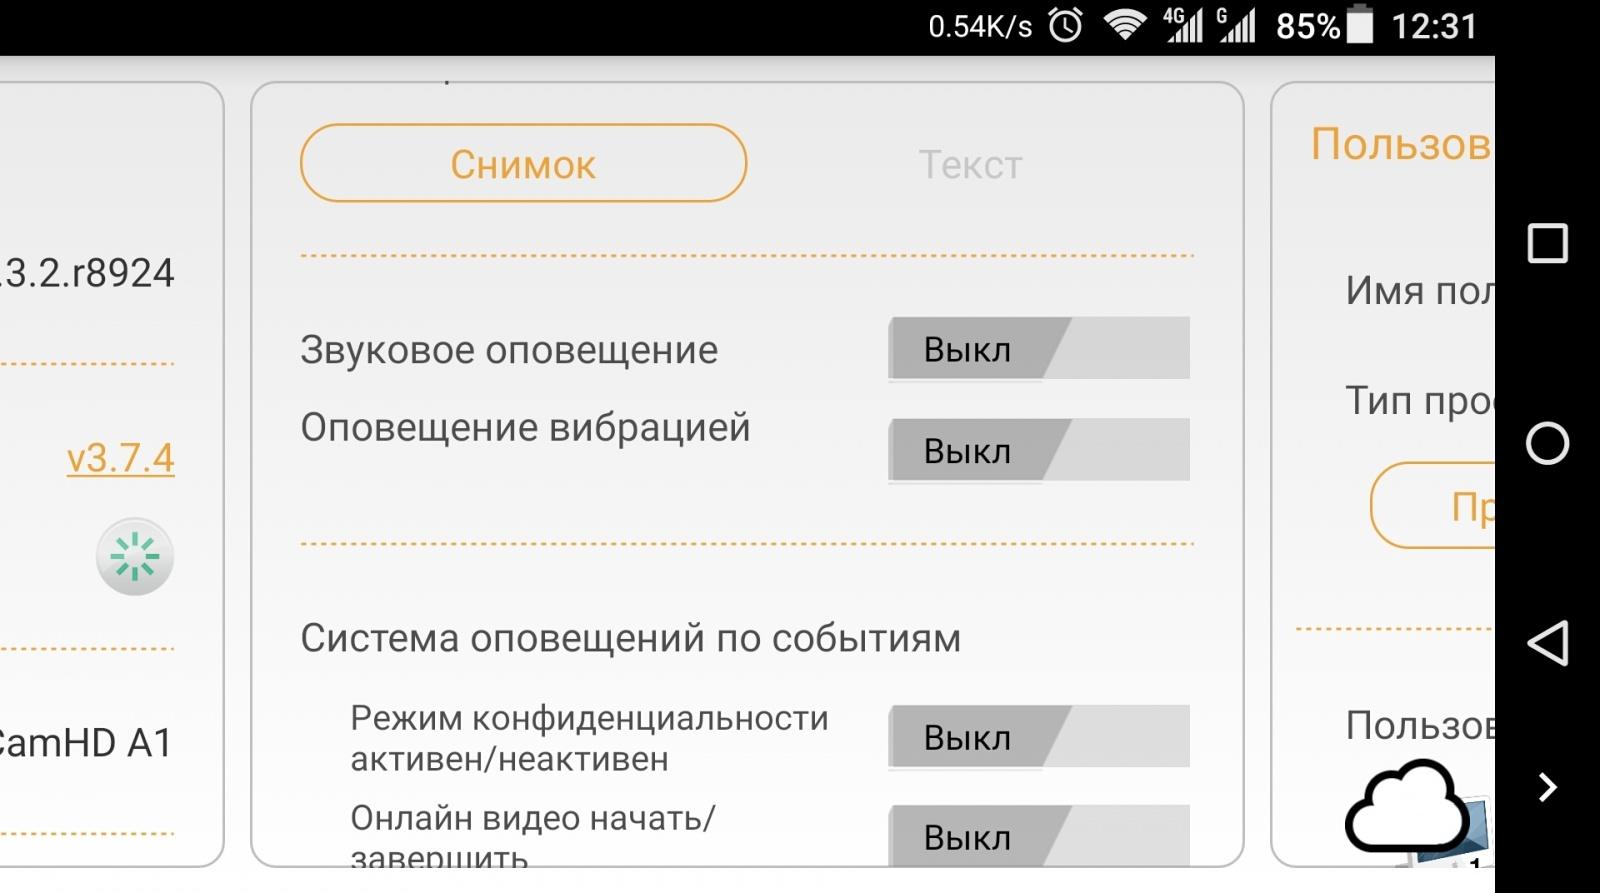 iCam HD 360: видеоняня или автономная система видеонаблюдения? - 9